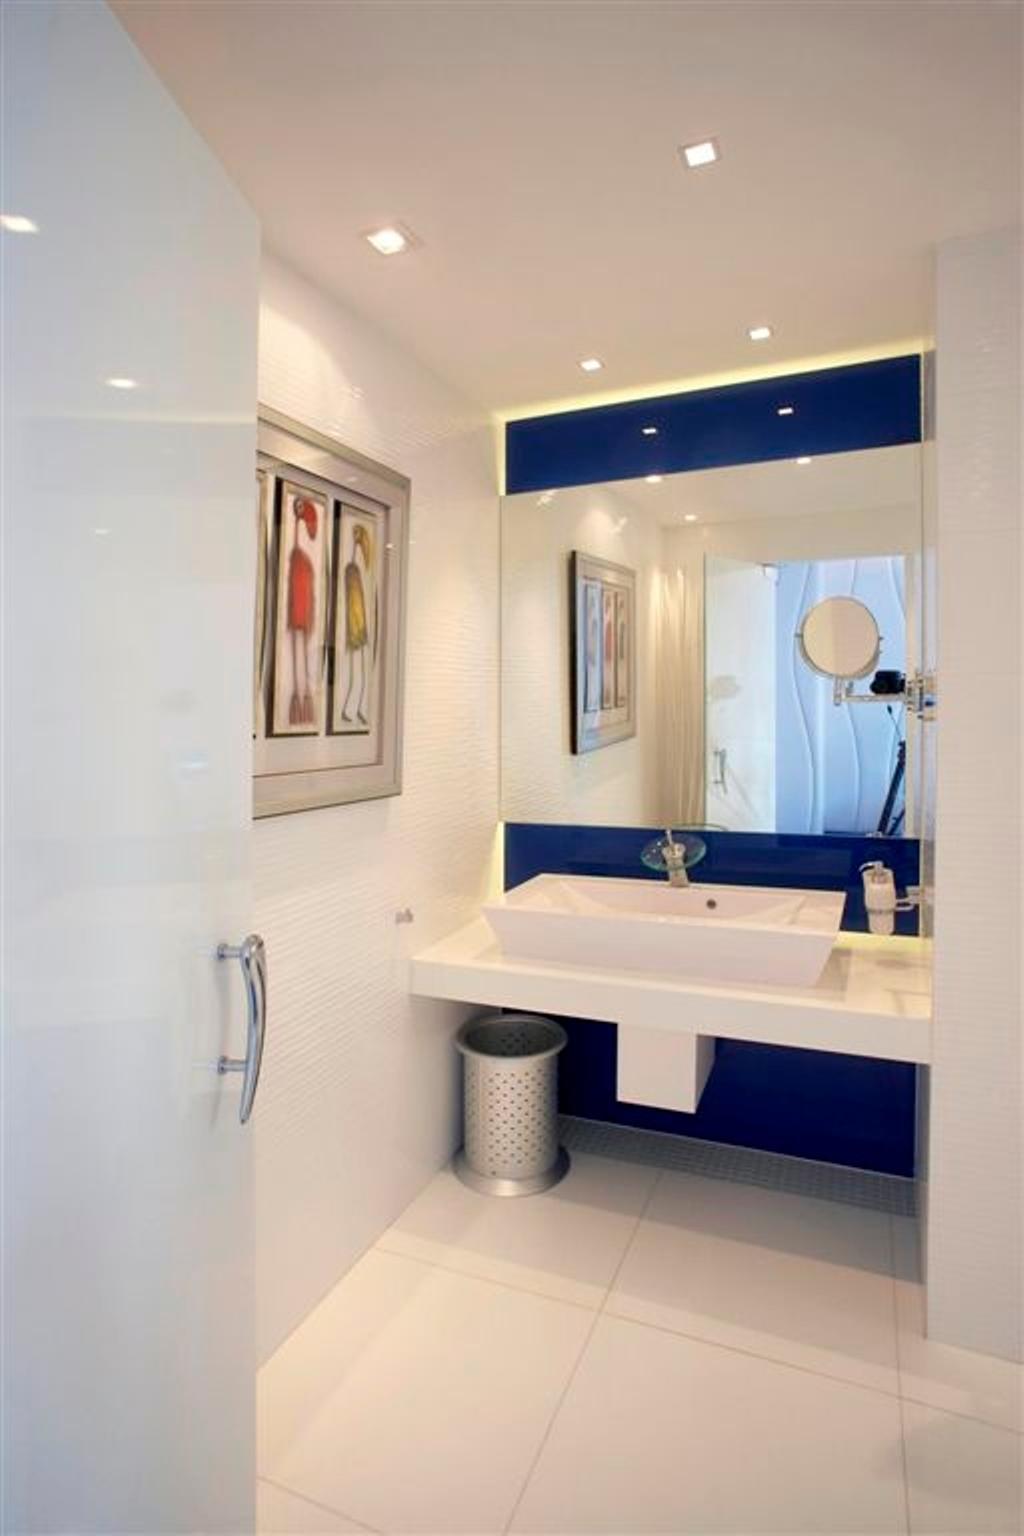 Transitional, Landed, Bathroom, Sembawang, Interior Designer, Free Space Intent, Sink, Indoors, Interior Design, Room, Filter, Shower